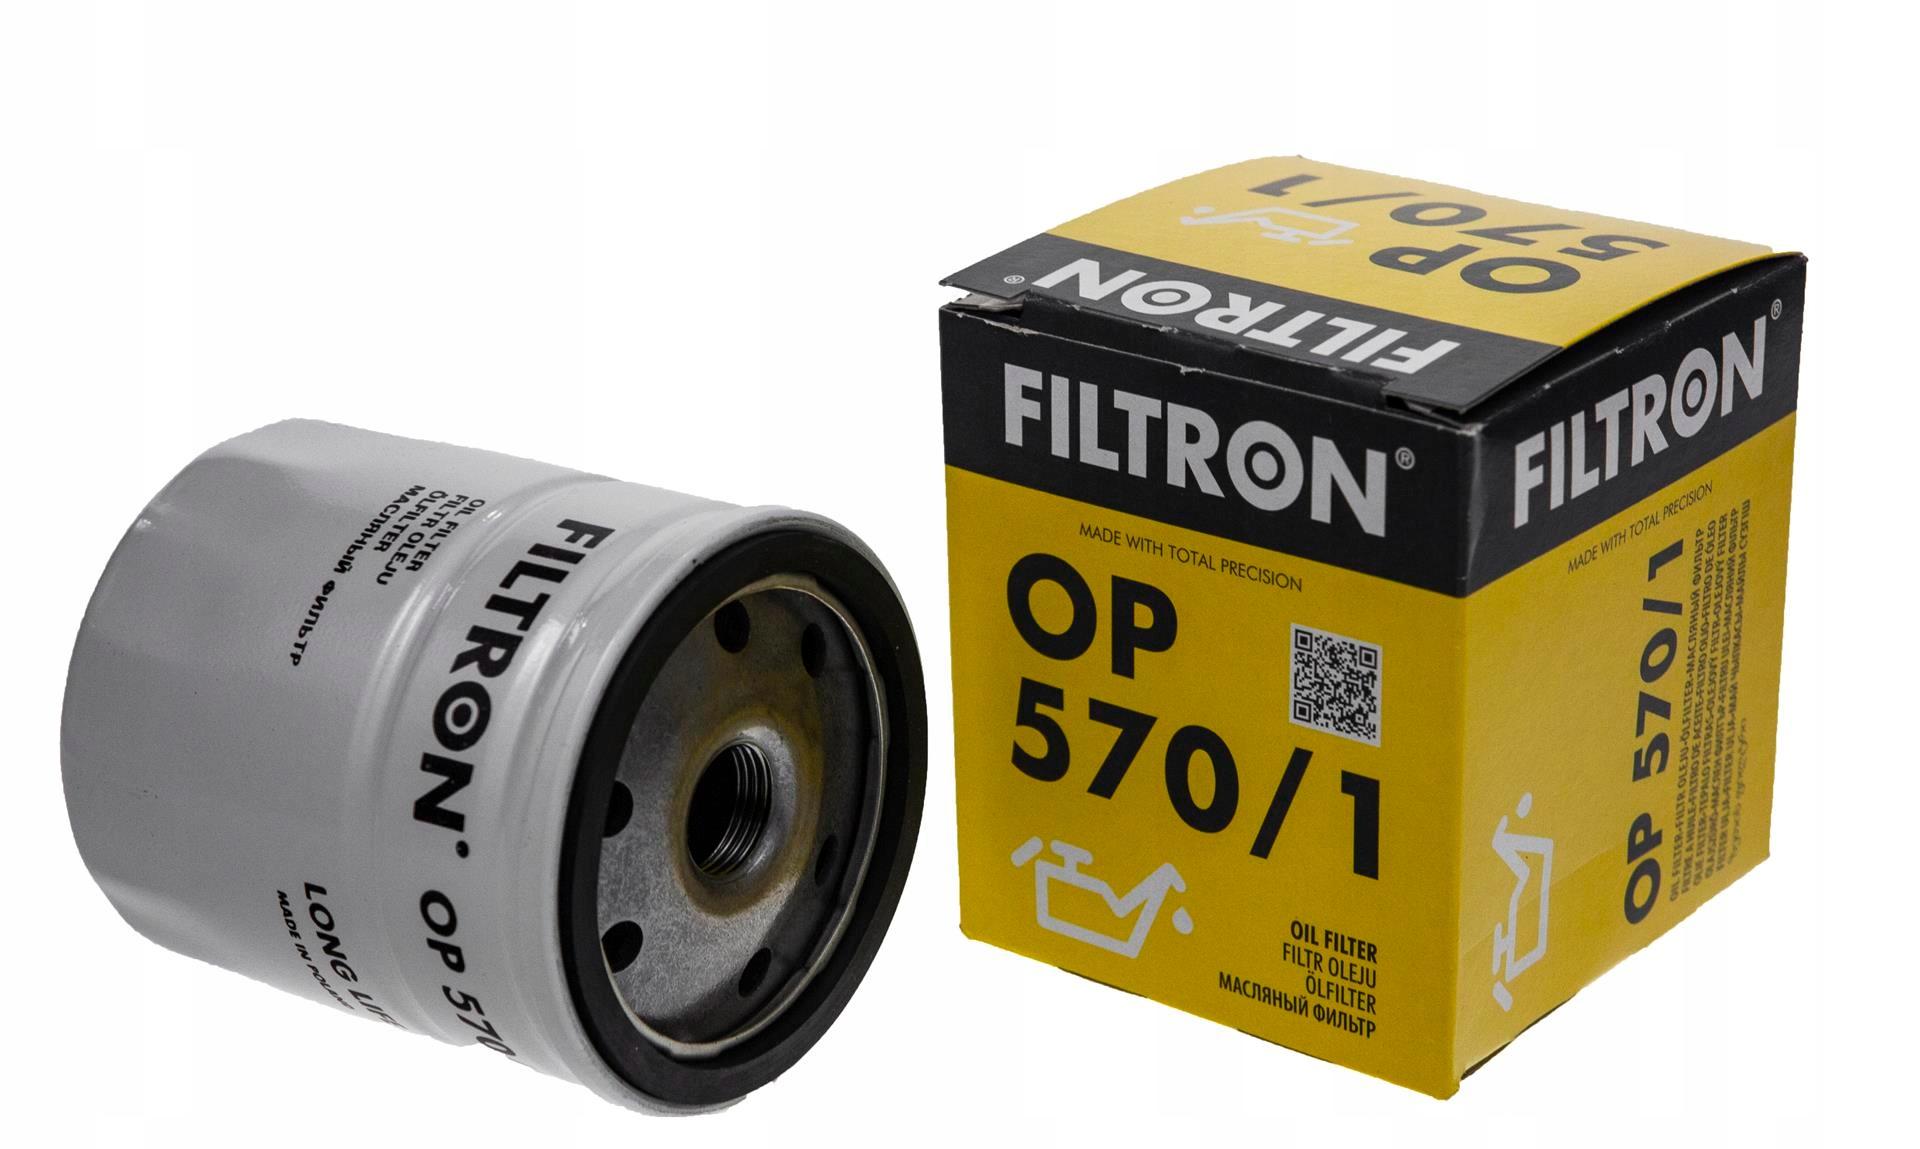 фильтр масла filtron кол-во в упак 5701